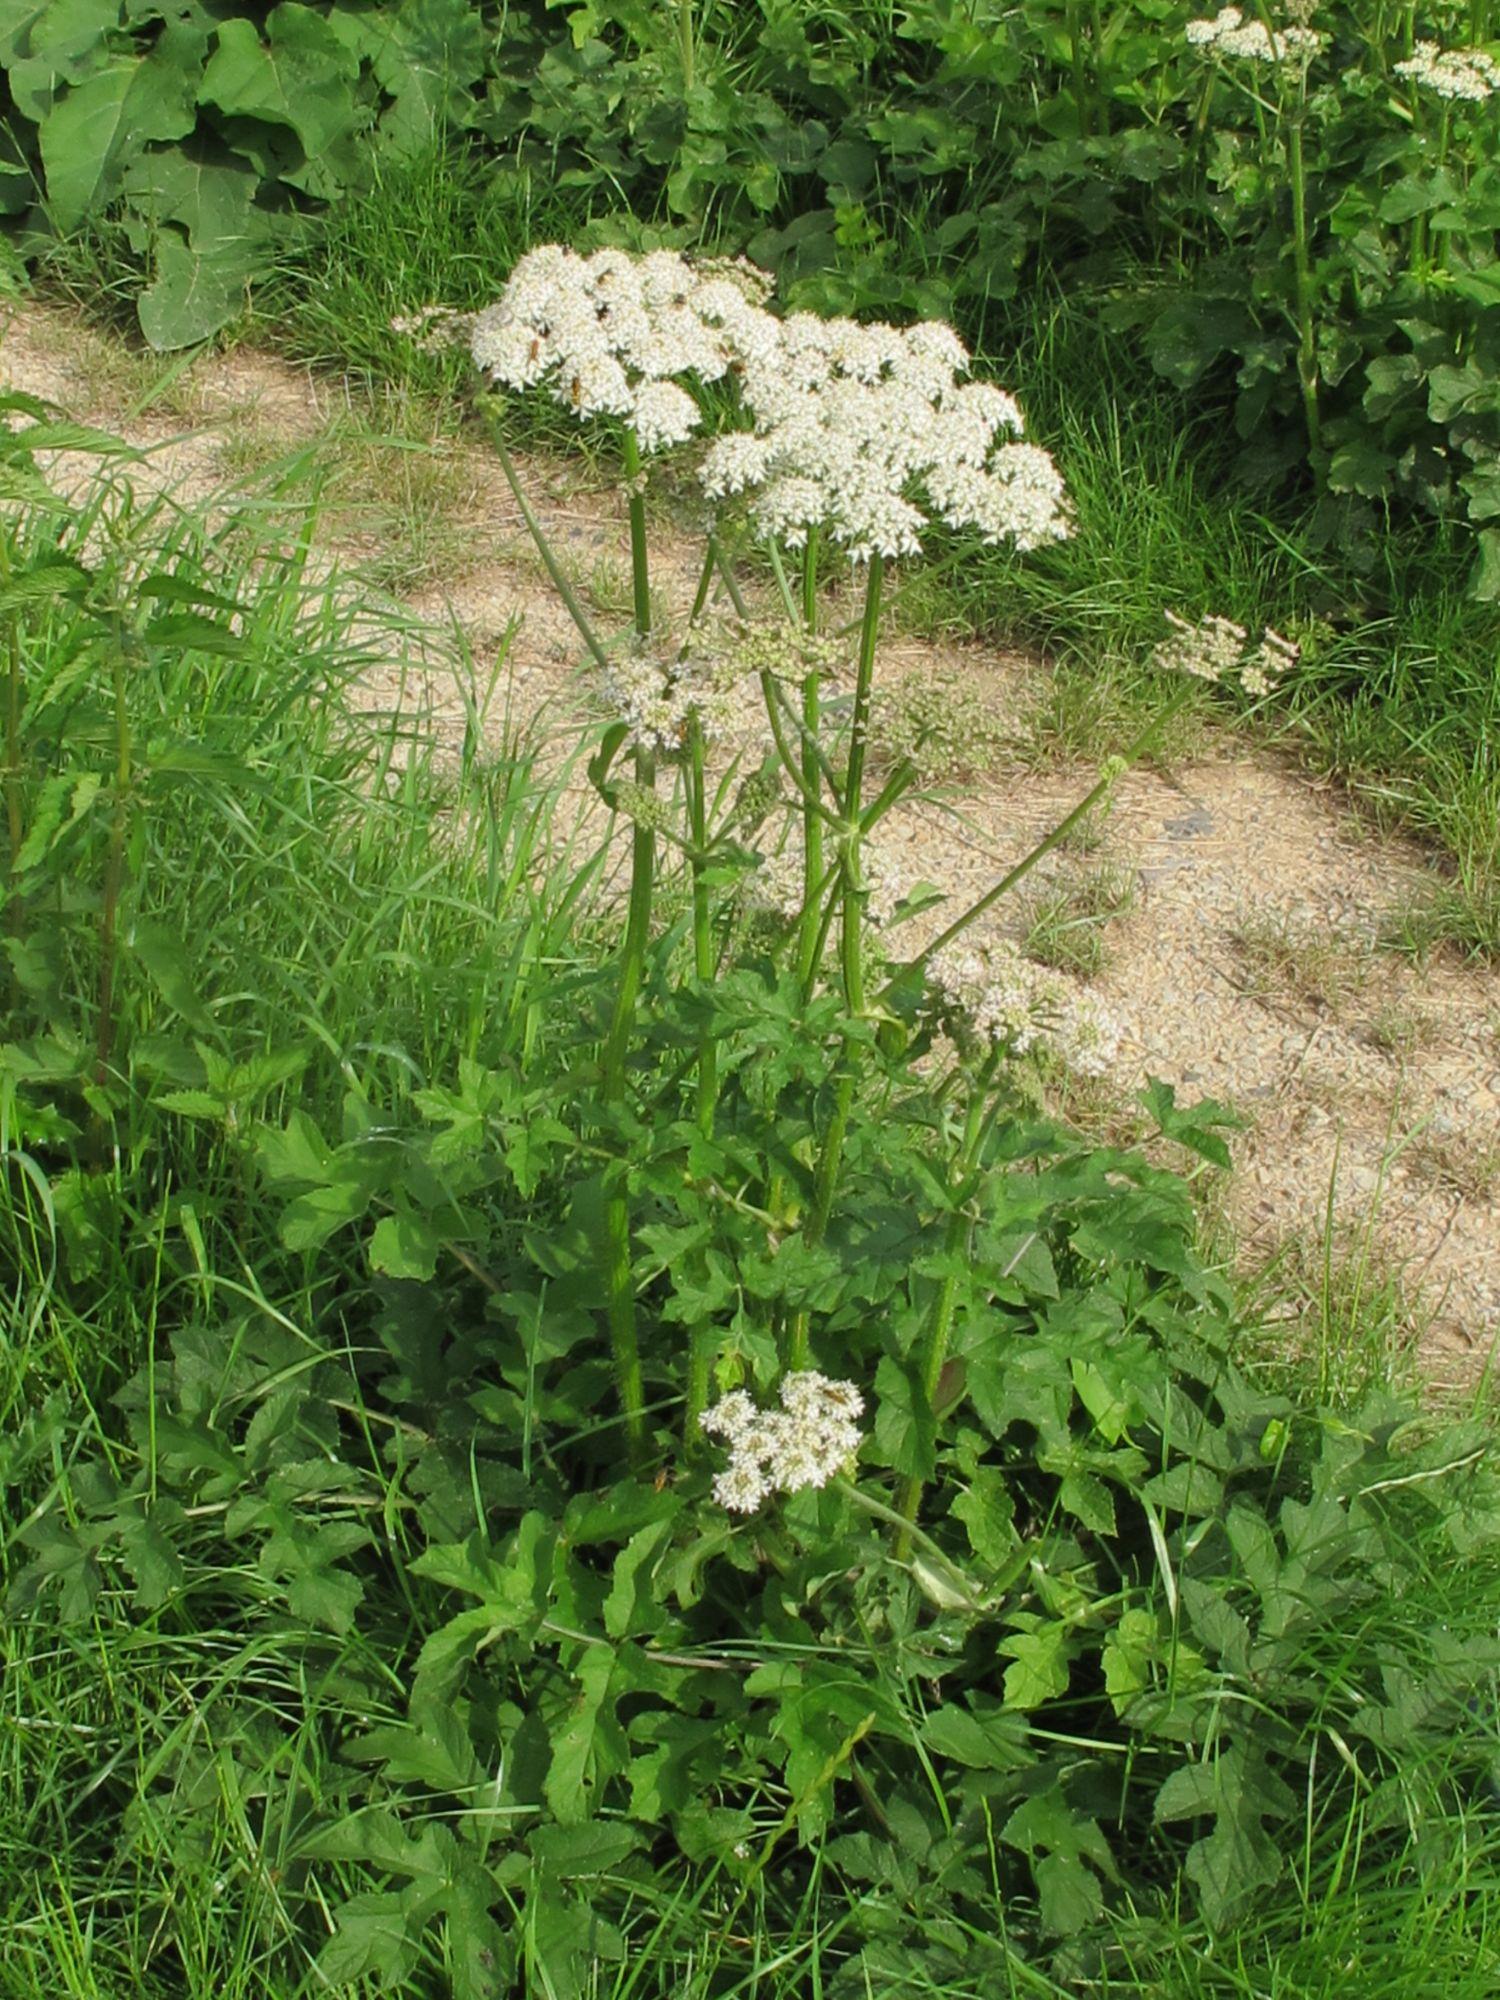 Heracleum-sphondylium-Spülfeld-Süßer-See-Katrin-Schneider-11.7.2012-IMG_3581-x